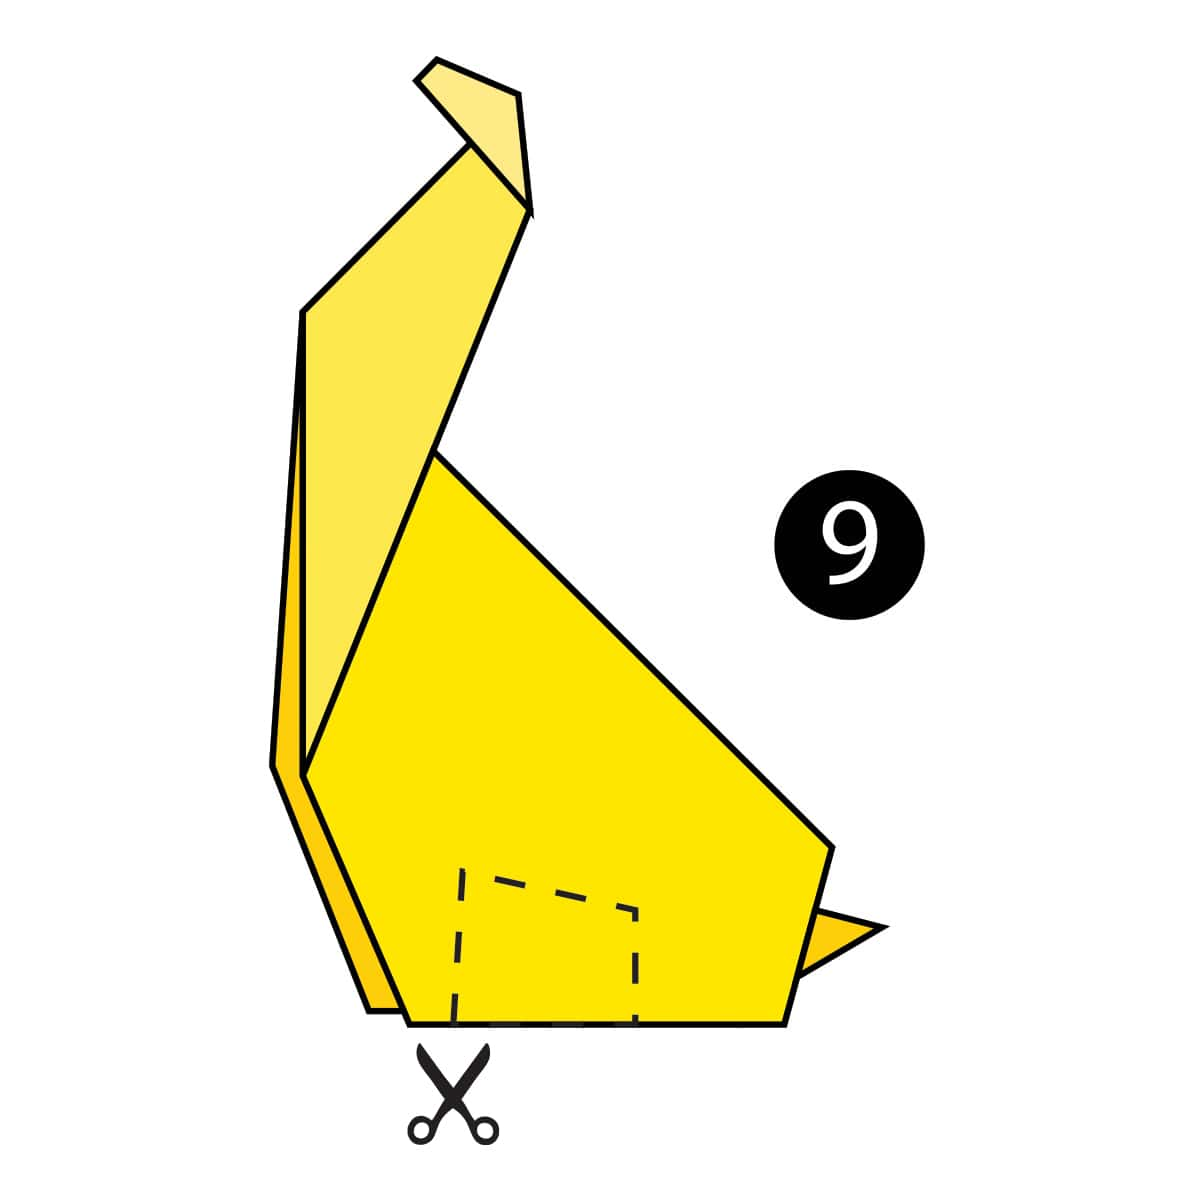 Giraffe Step 9